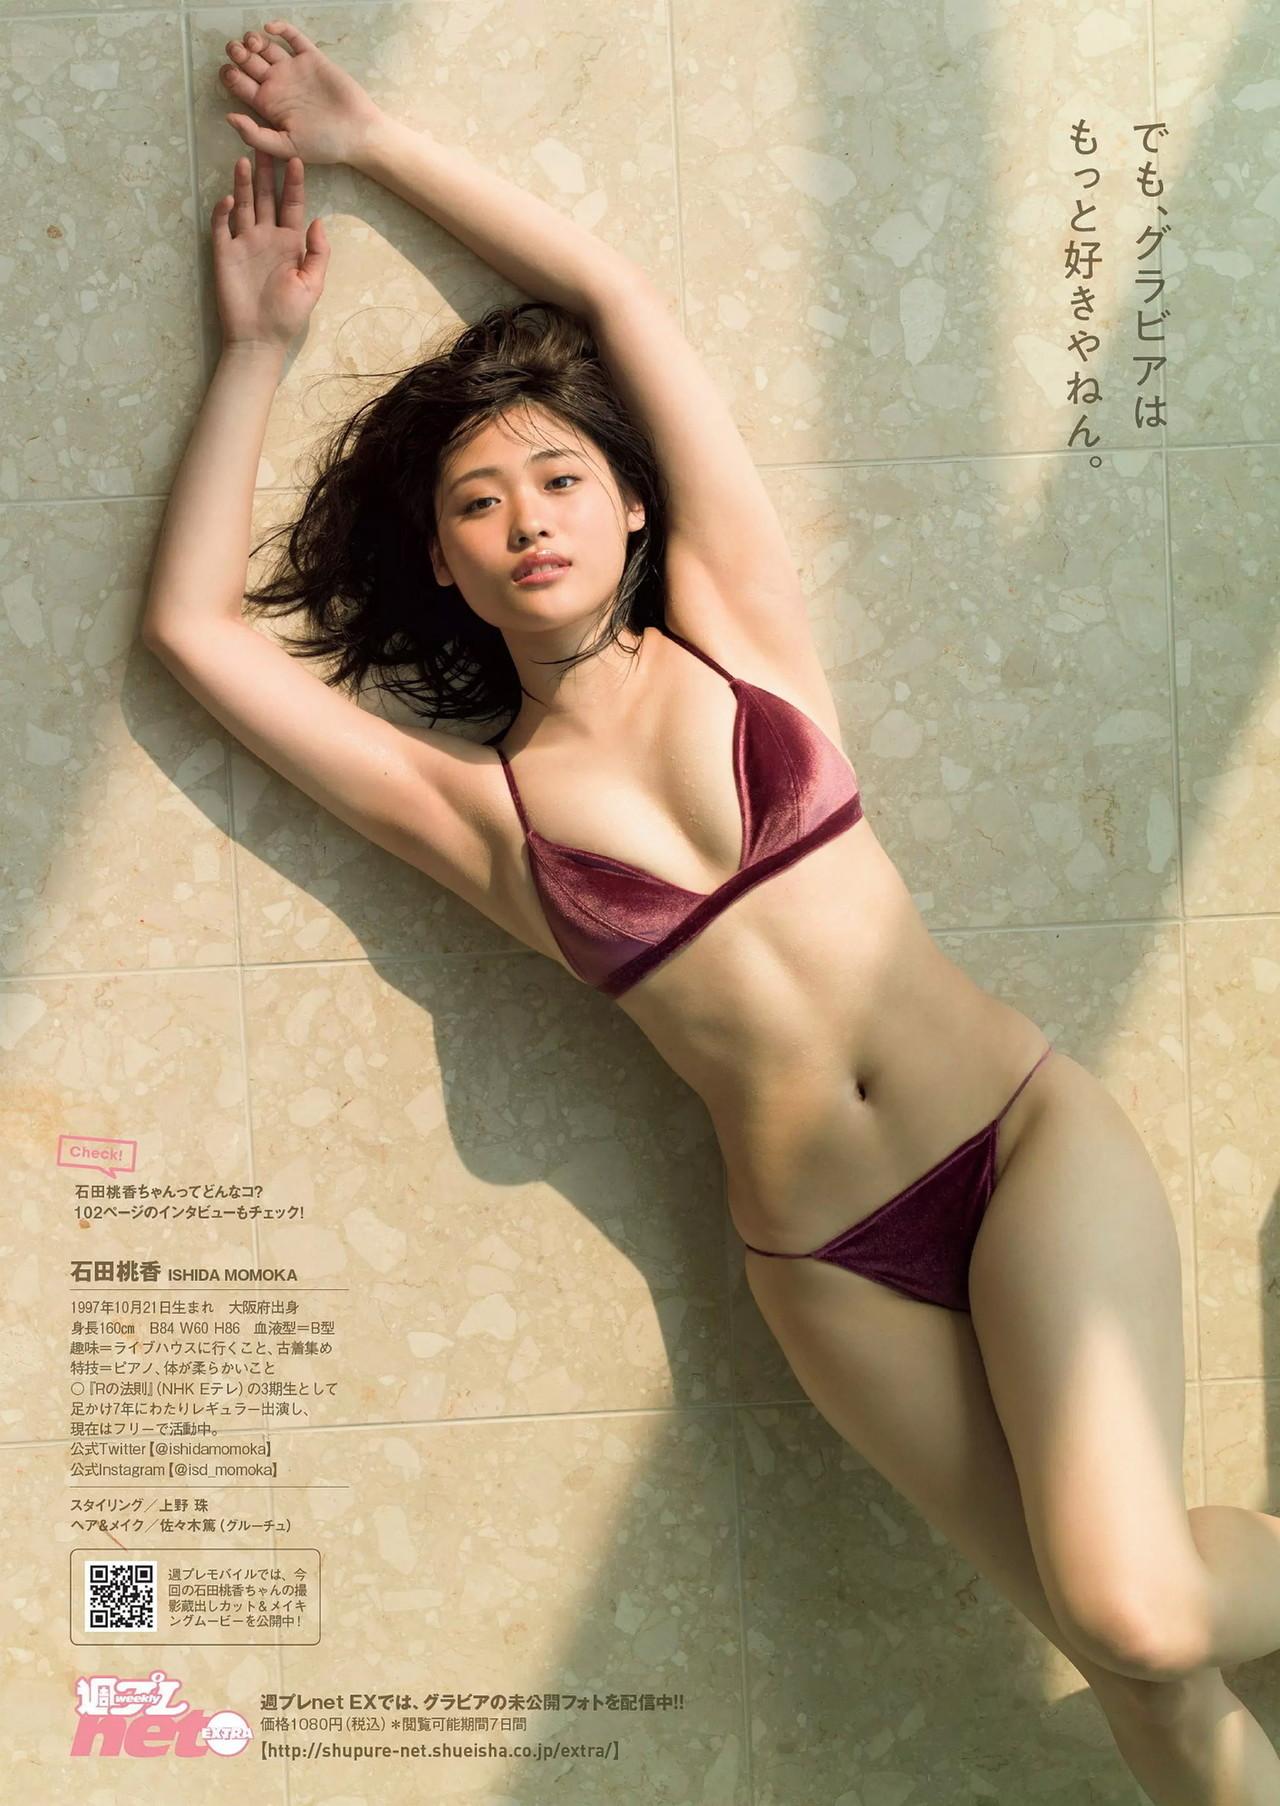 石田桃香 水着グラビア画像 グラビアはもっと好きやねん